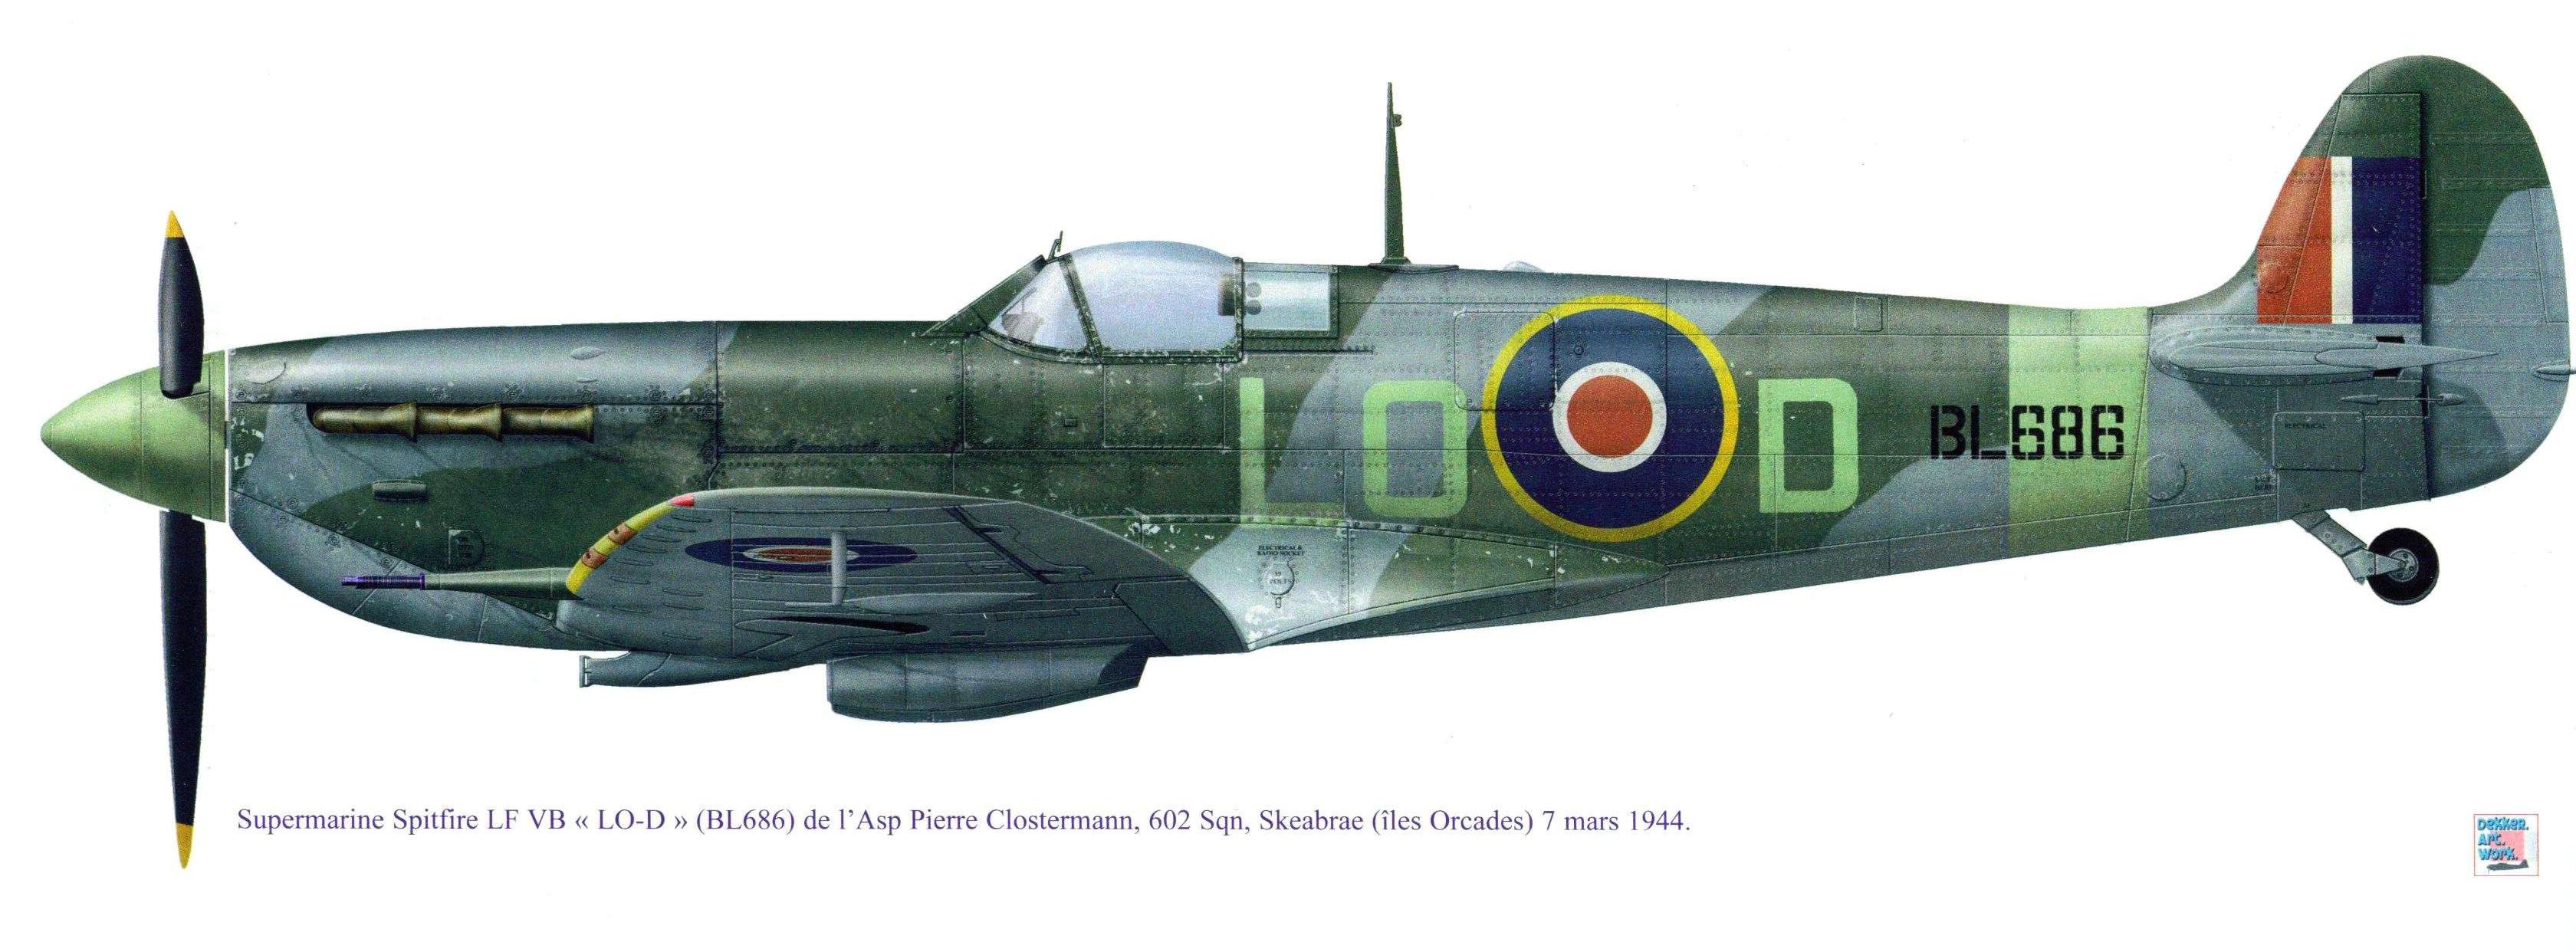 Spitfire LFVB RAF 602Sqn LOD Pierre Clostermann BL686 Skeabrae 7th Mar 1944 0A 2